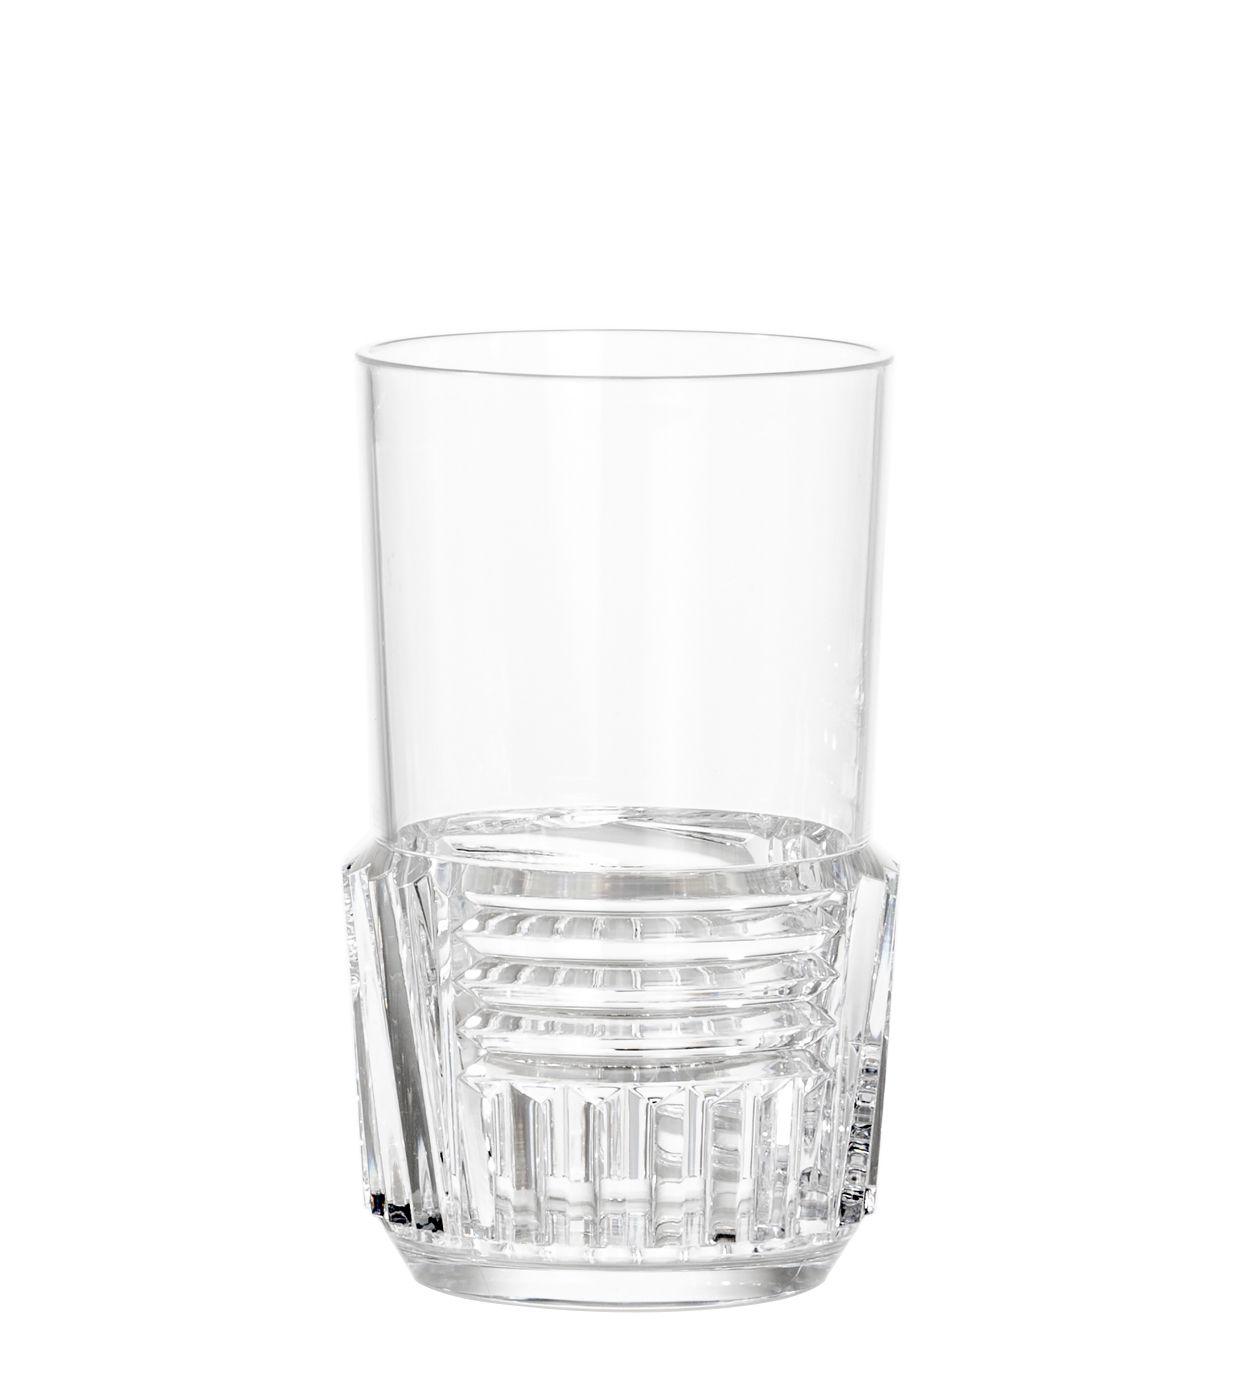 Tavola - Bicchieri  - Bicchiere Trama Large - / H 15 cm di Kartell - Cristallo - Tecnopolimero